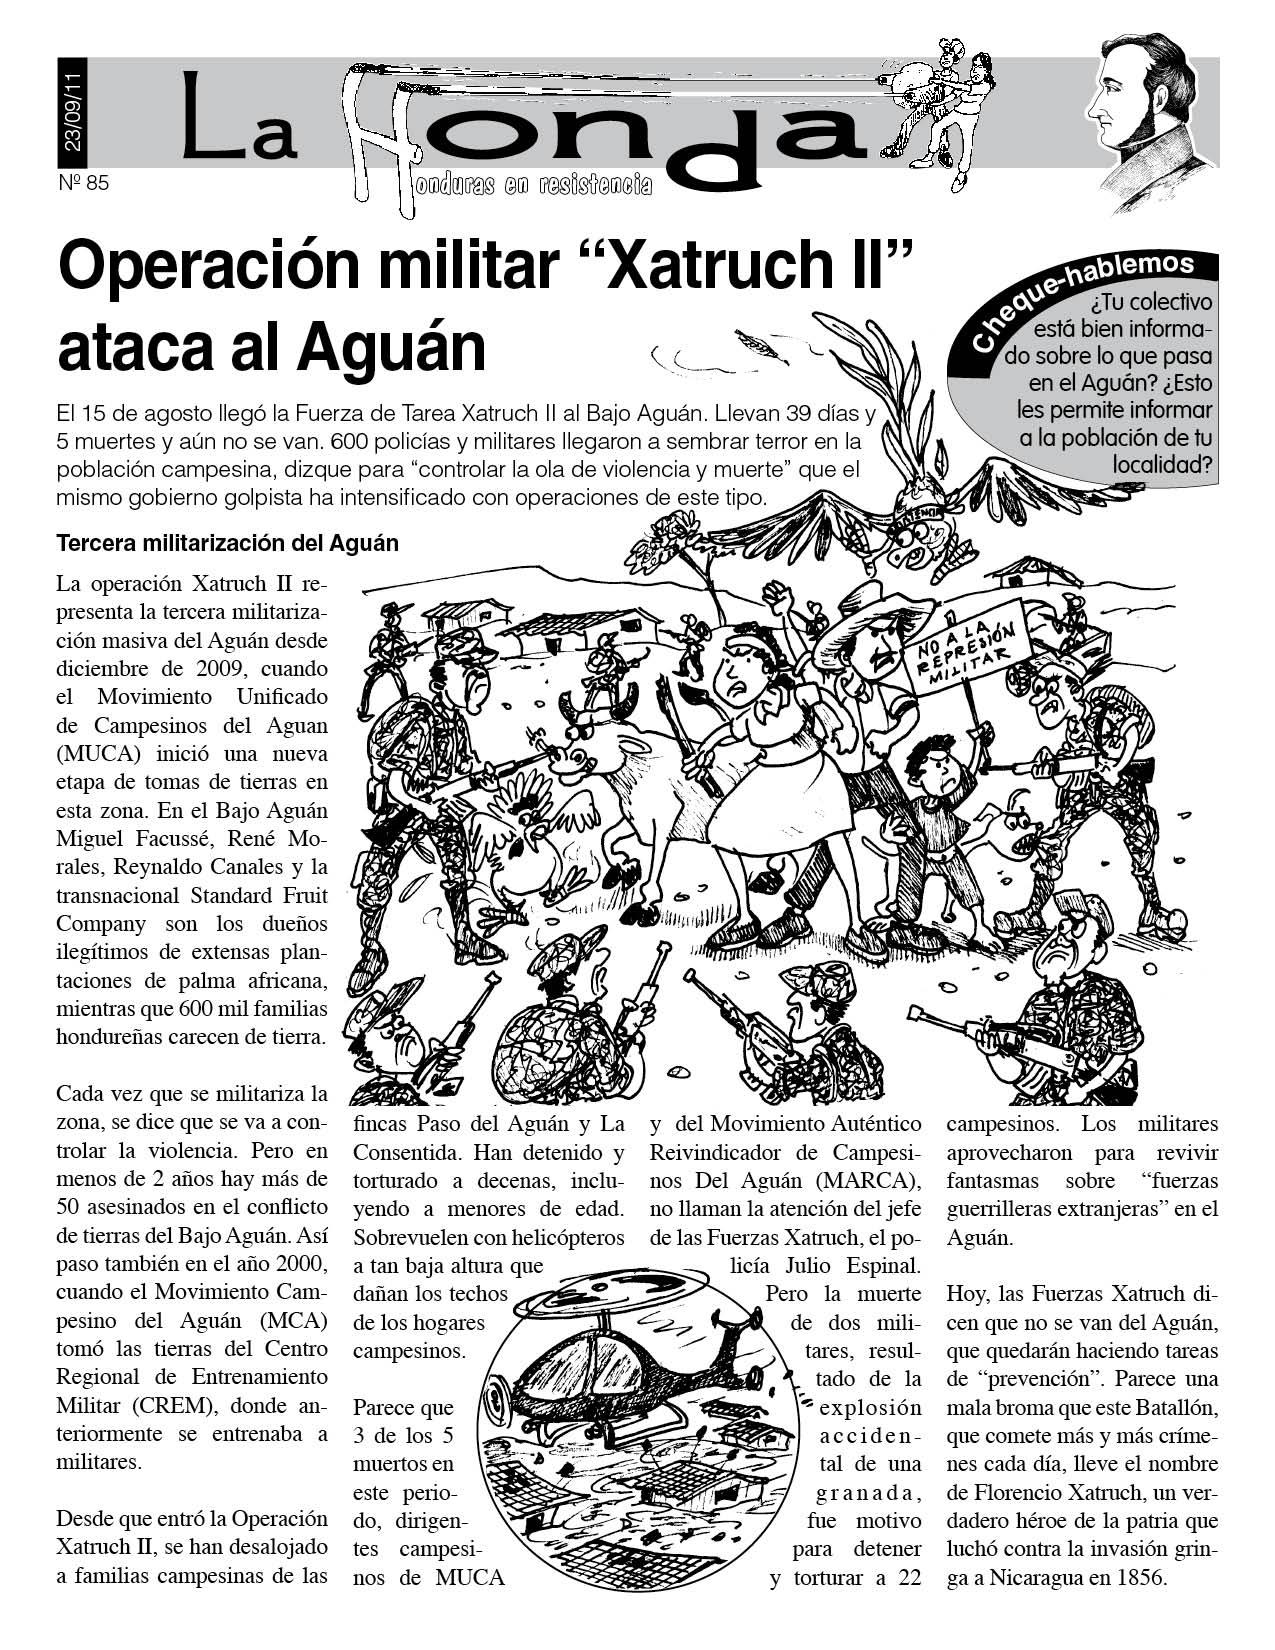 """La Honda 85: Operación militar """"Xatruch II"""" ataca al Aguán"""